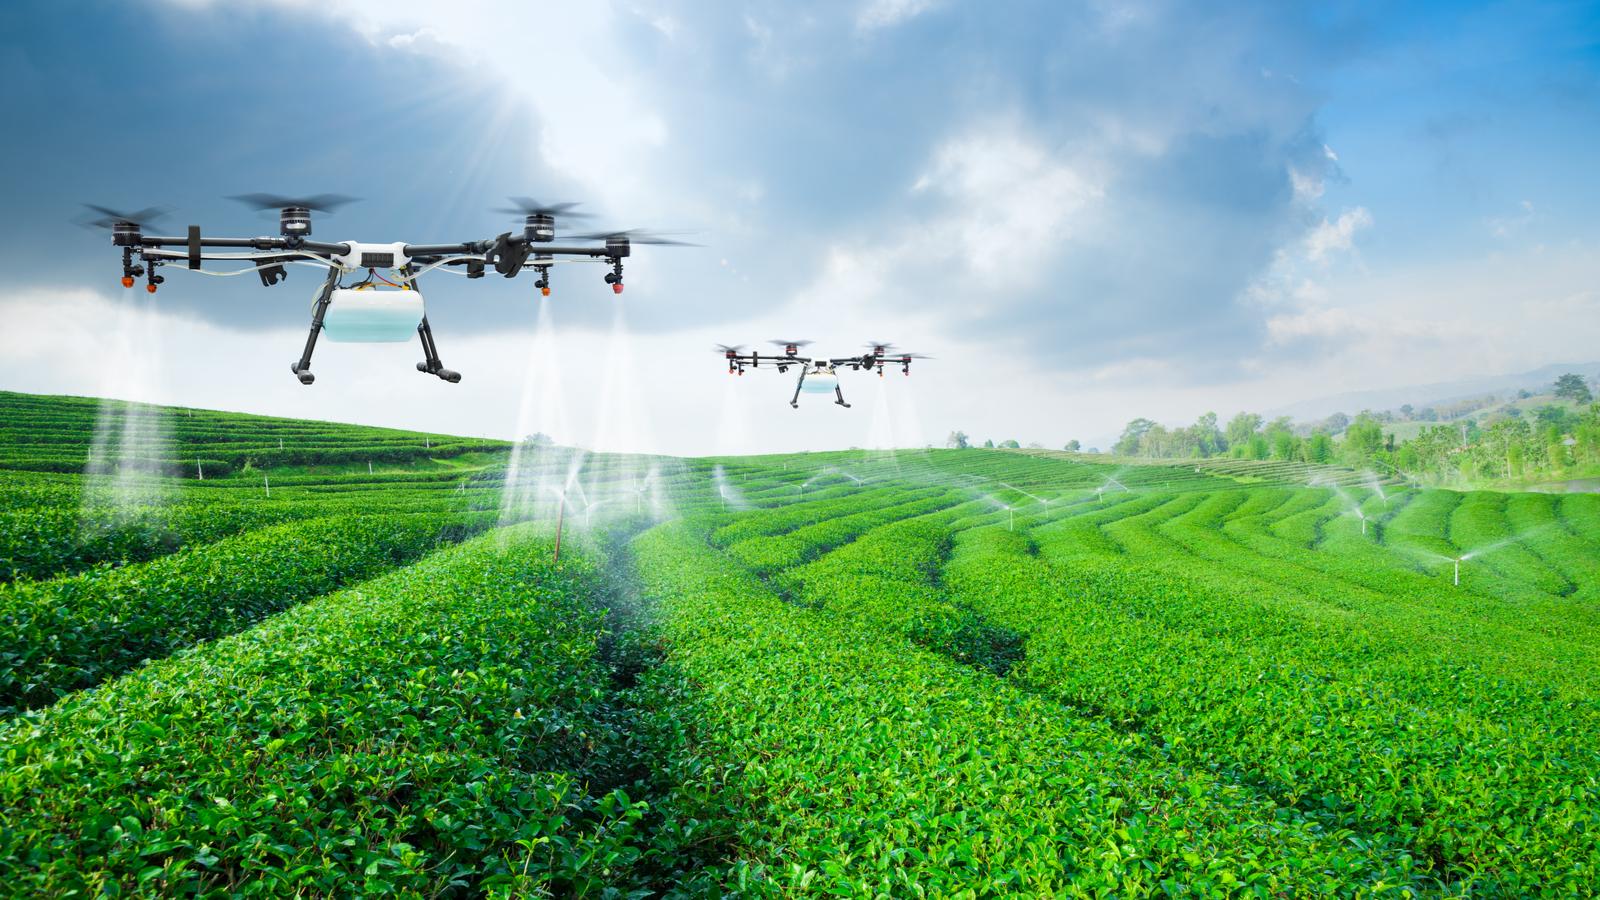 Des drones agricoles volent et pulvérisent des cultures sur un champ